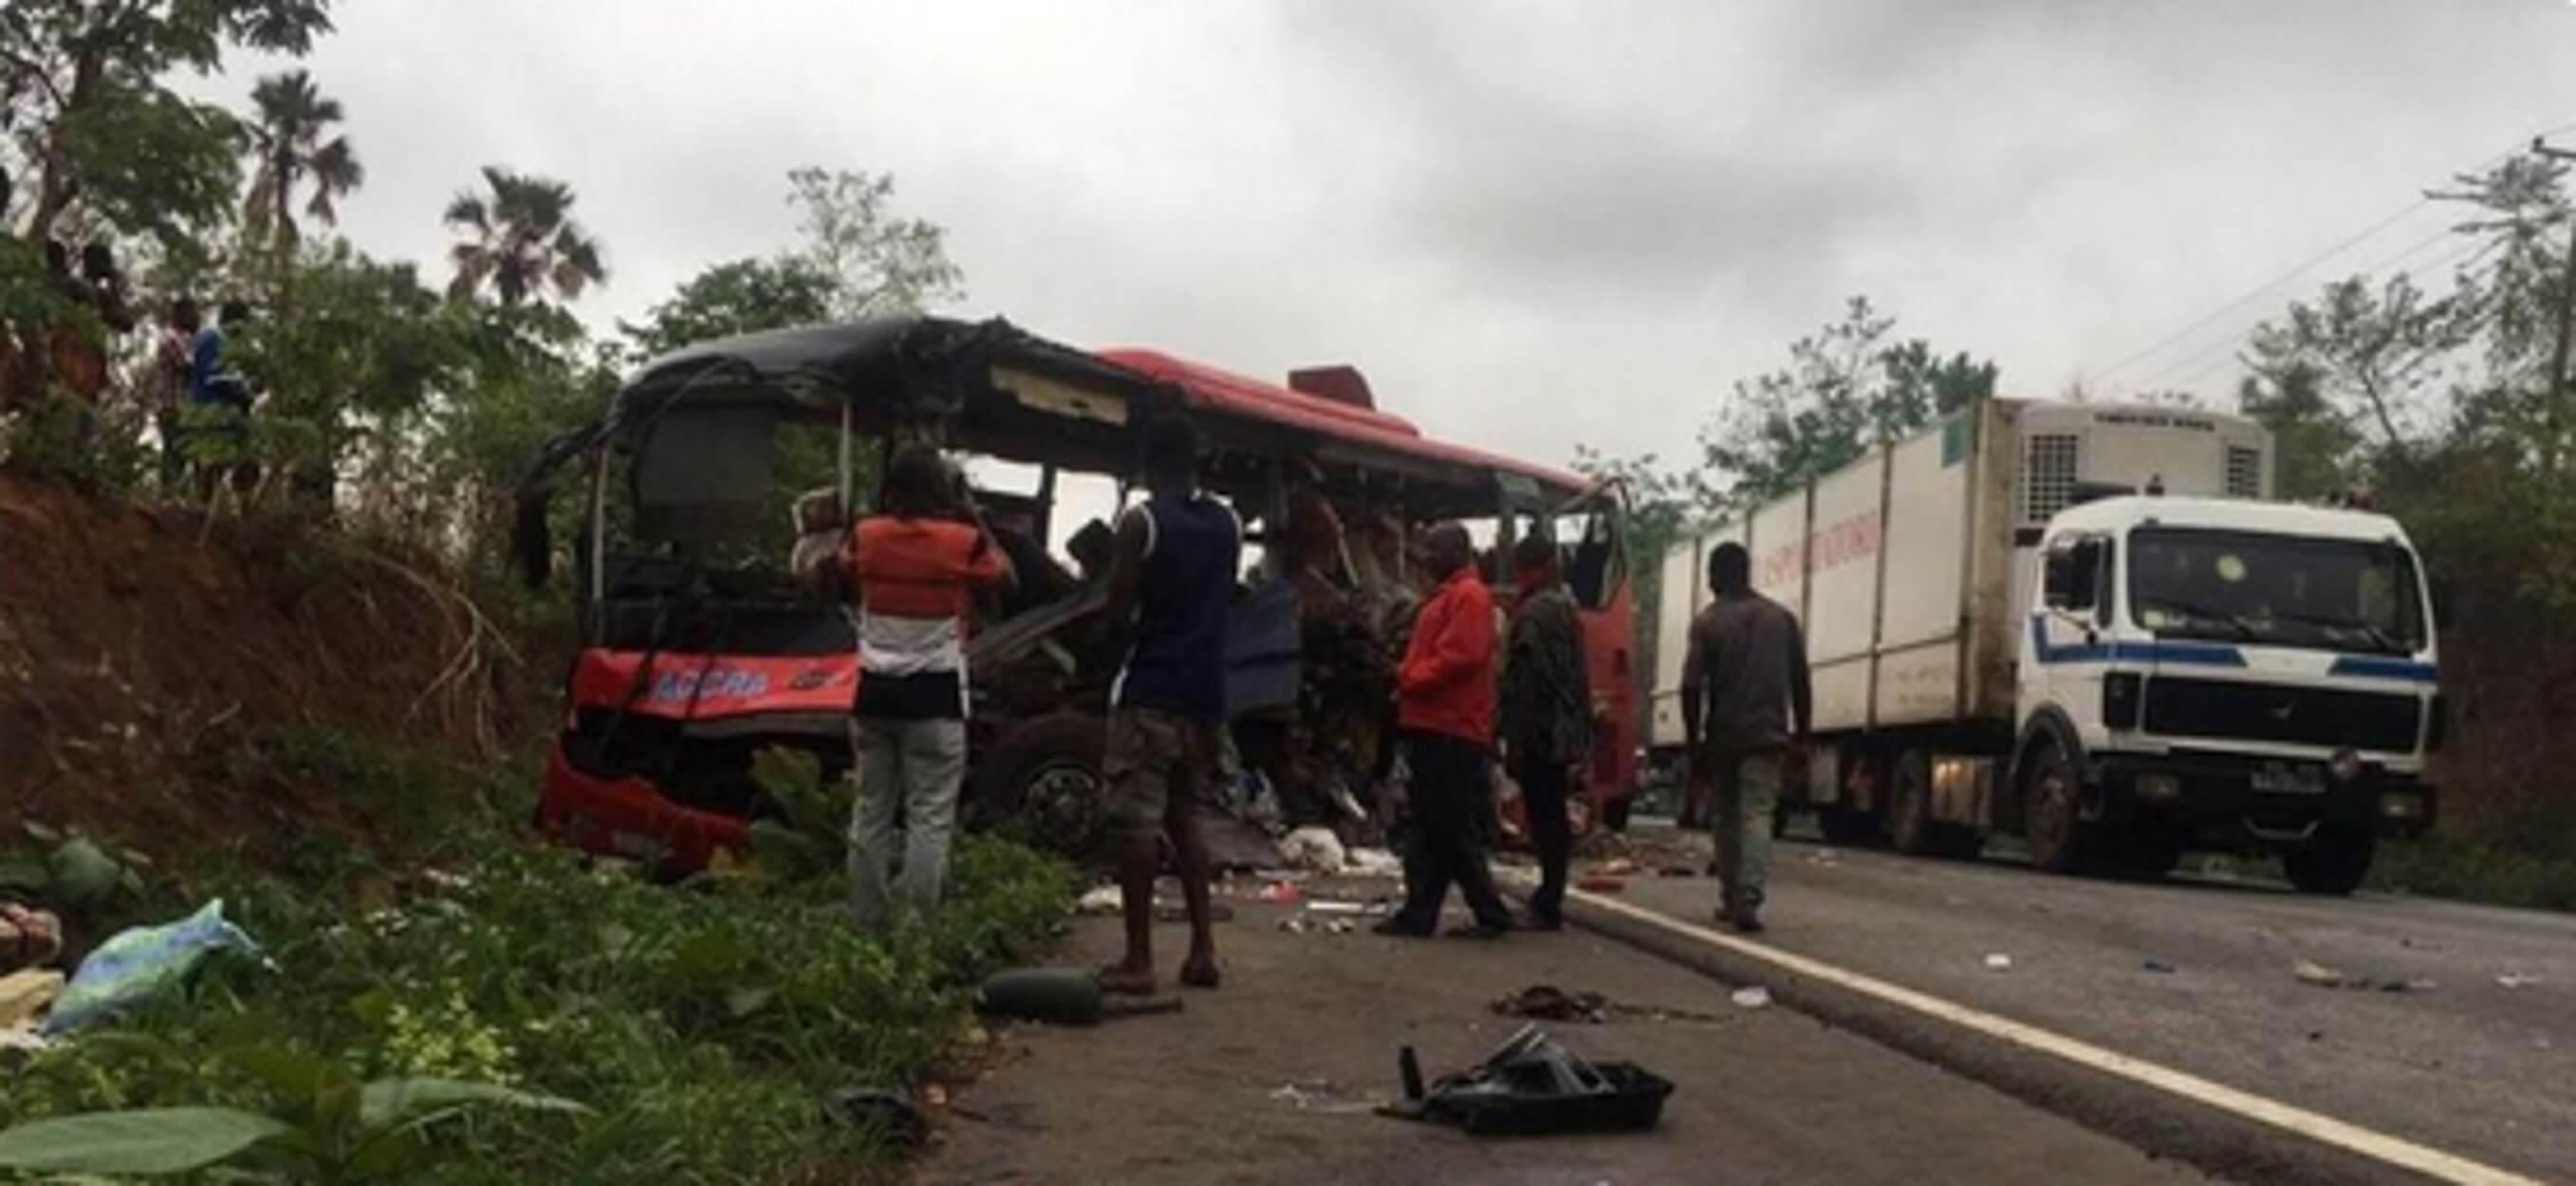 Τουλάχιστον 60 νεκροί από μετωπική σύγκρουση δύο λεωφορείων!